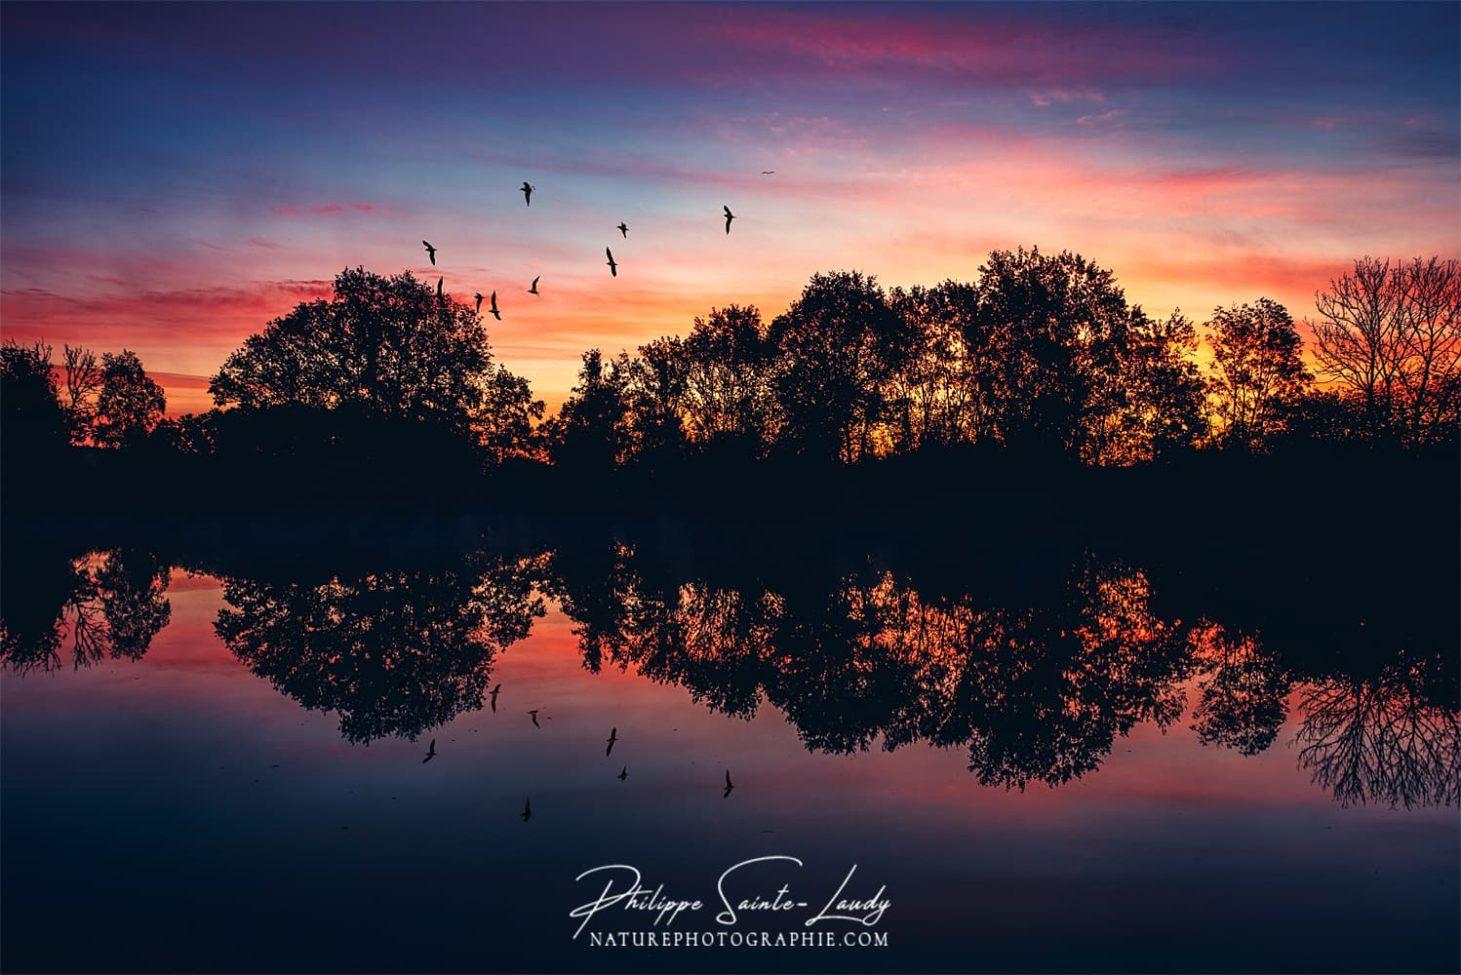 Des oiseaux dans le coucher de soleil